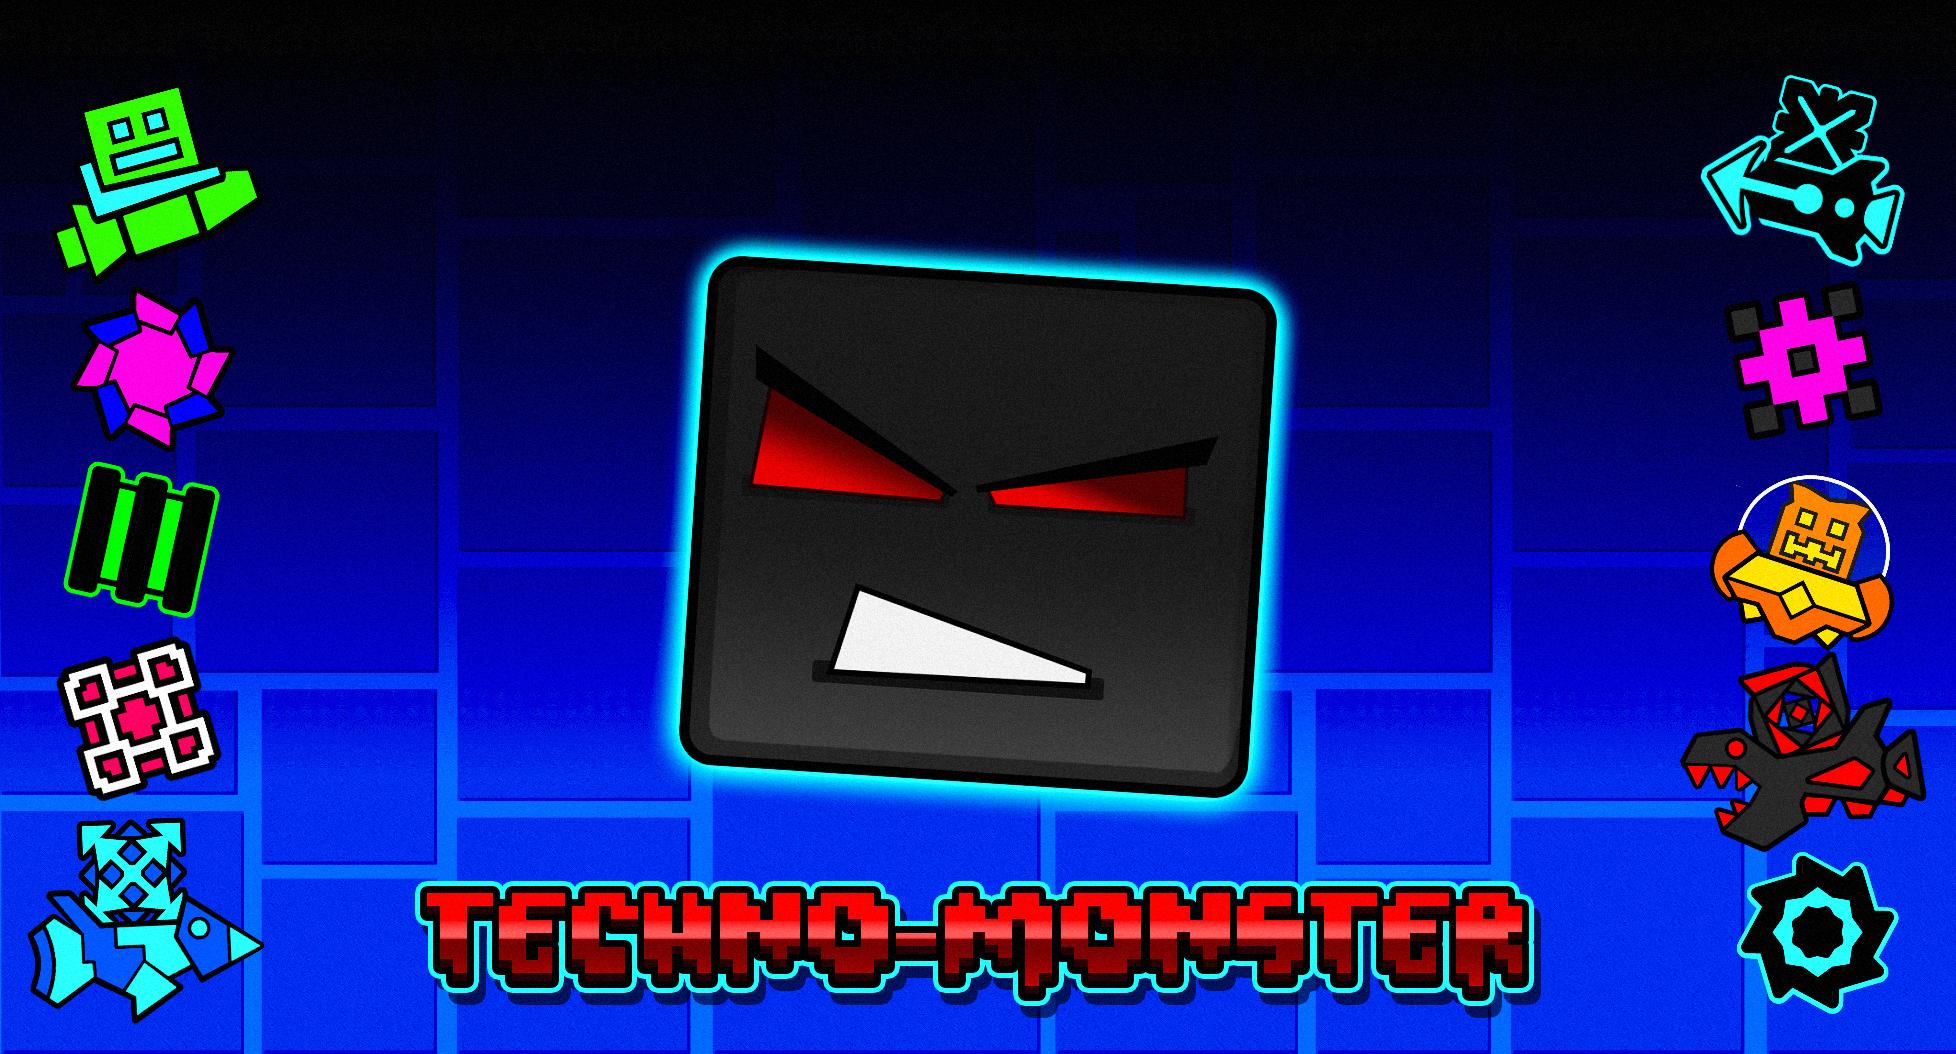 Techno-Monster